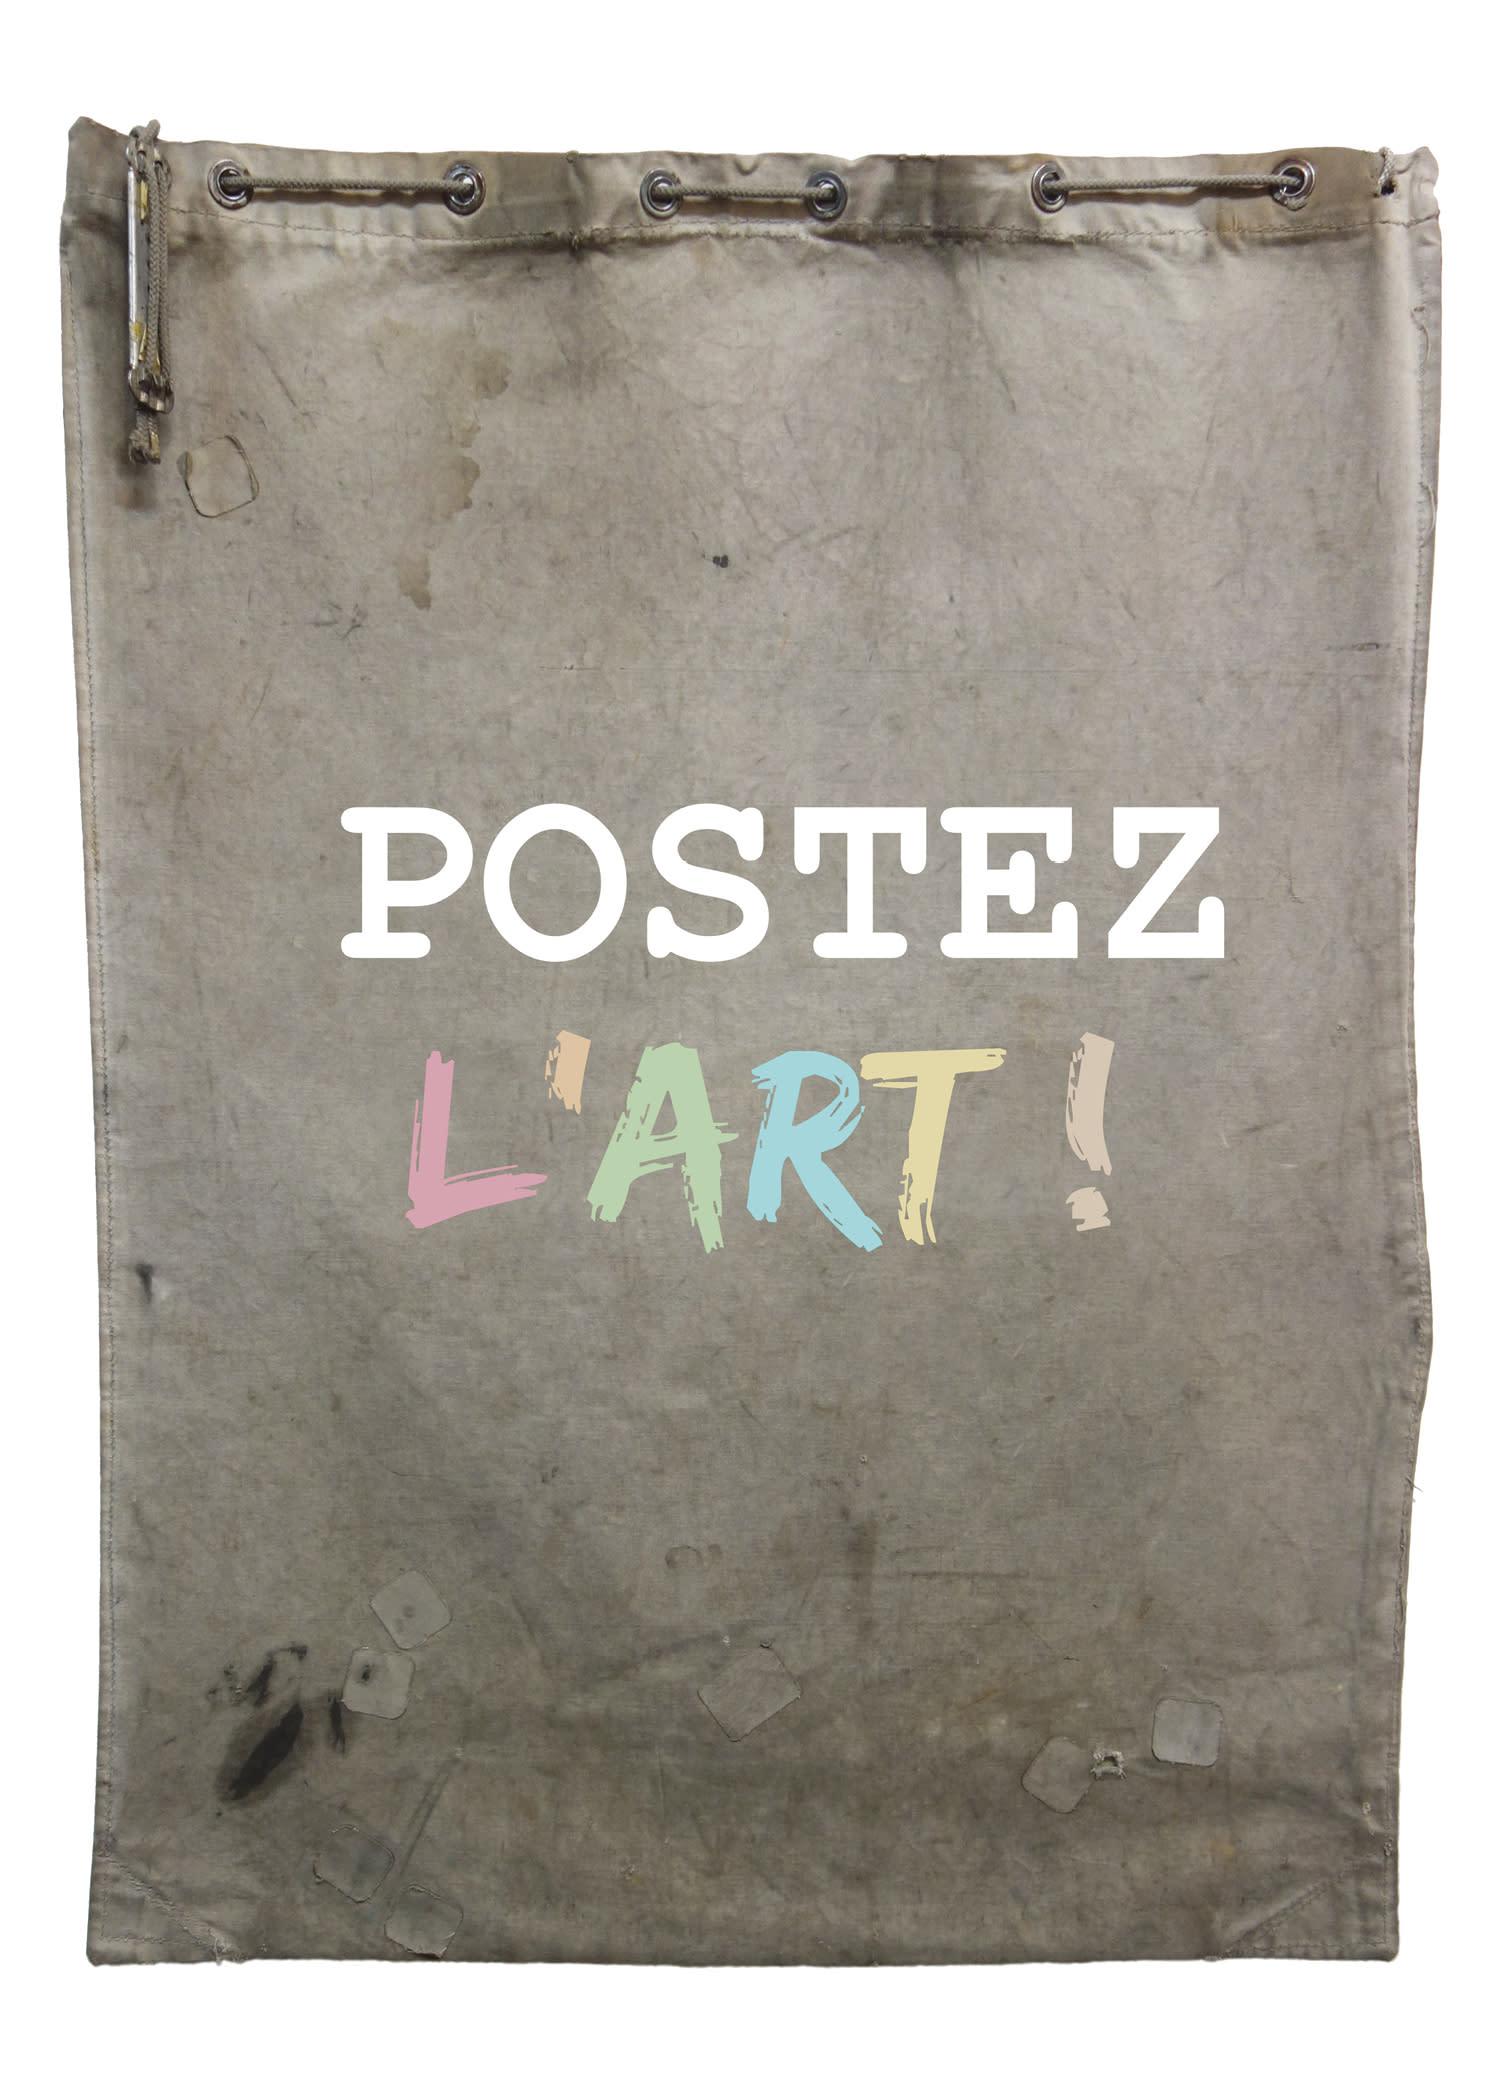 Vieux sac postal avec l'inscription Postez l'art dessus.